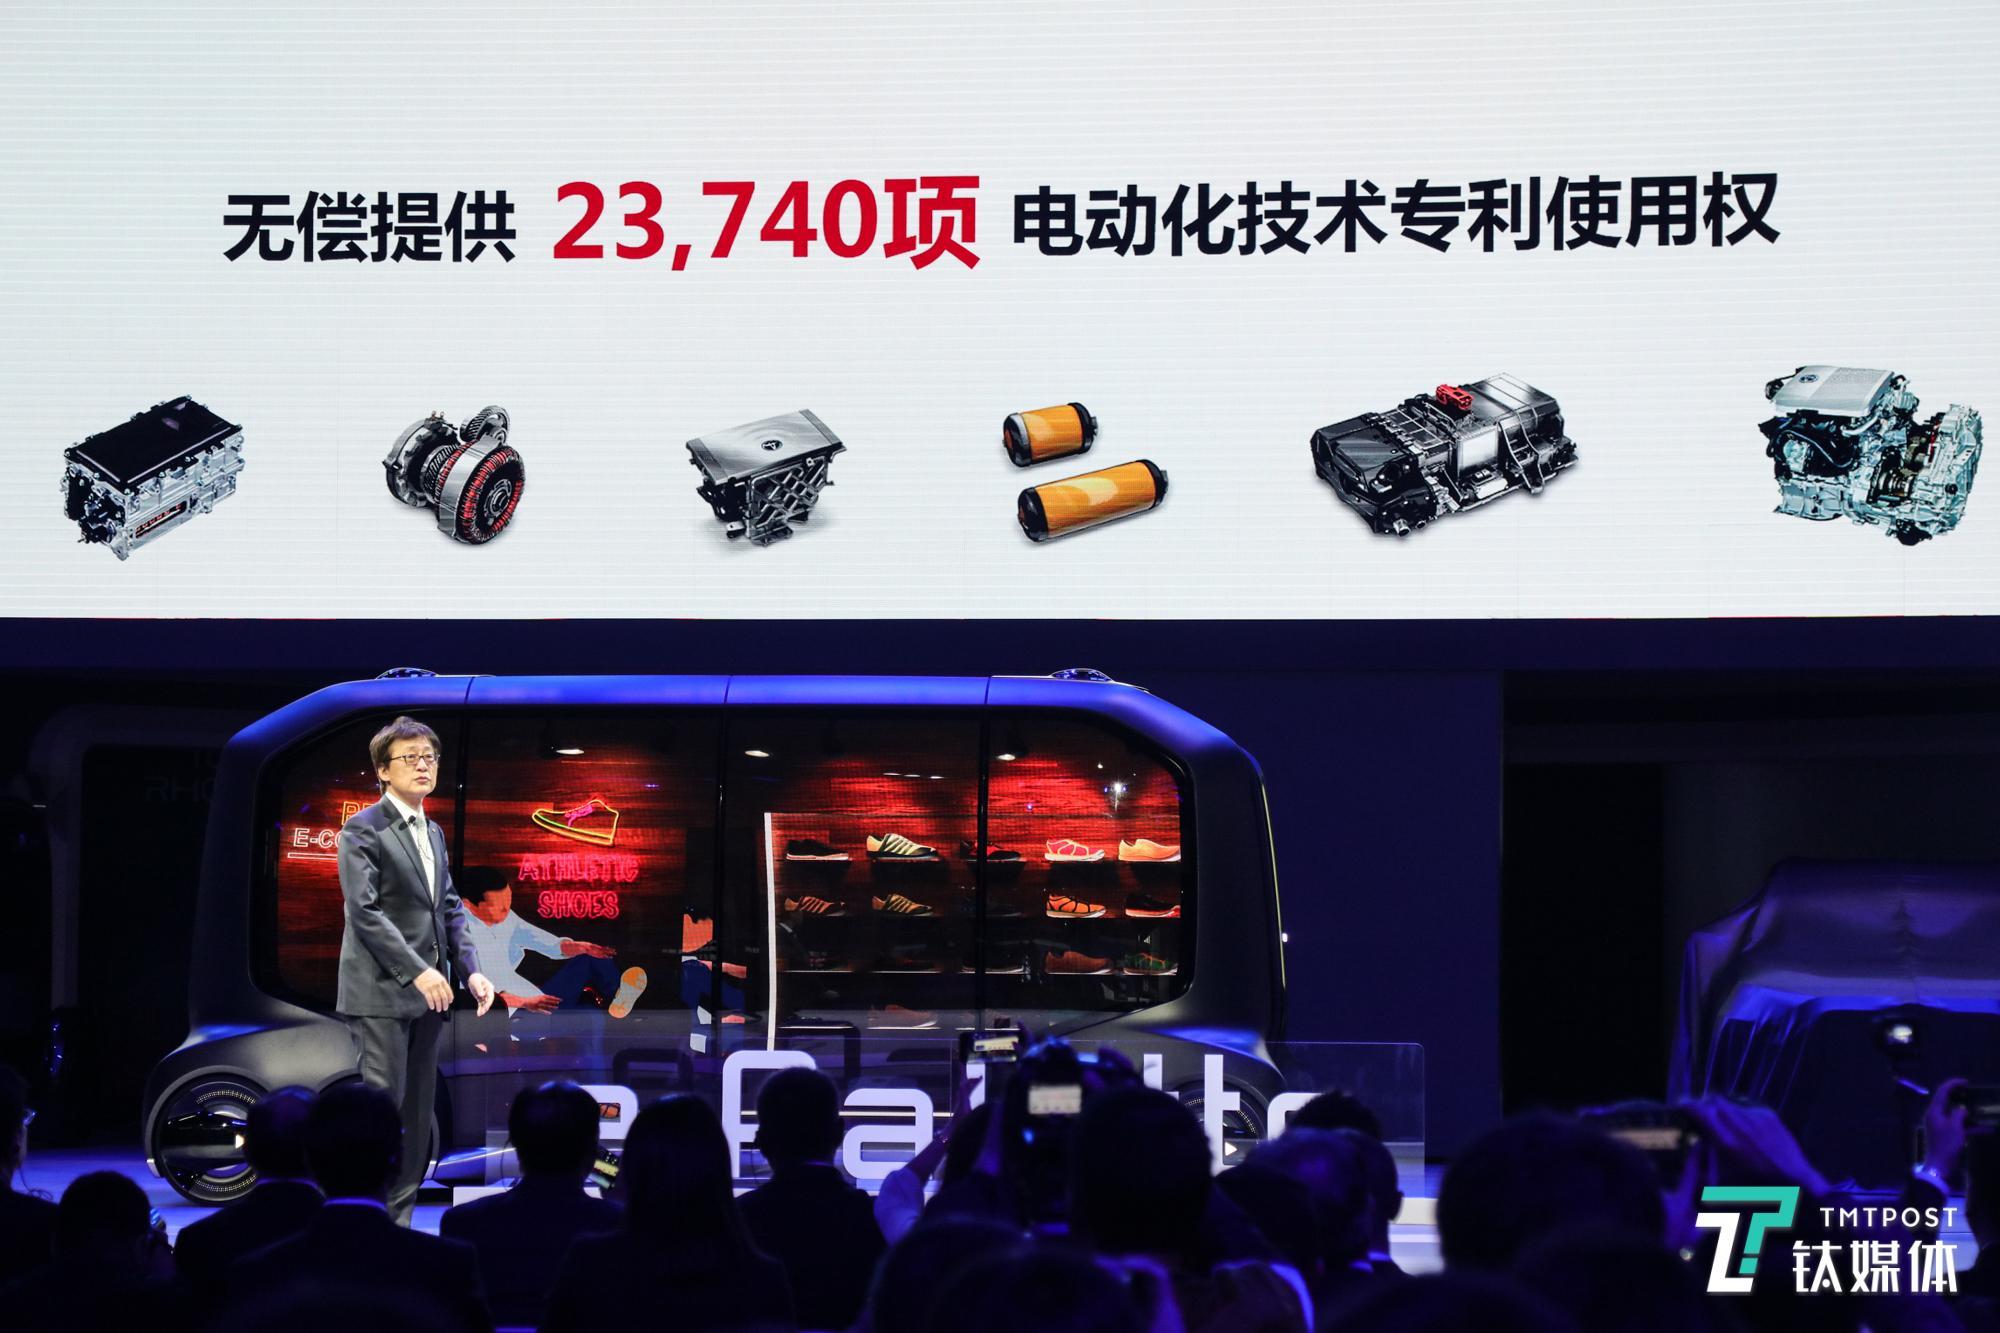 2019上海车展 | 丰田将无偿提供23,740项电气化技术专利使用权